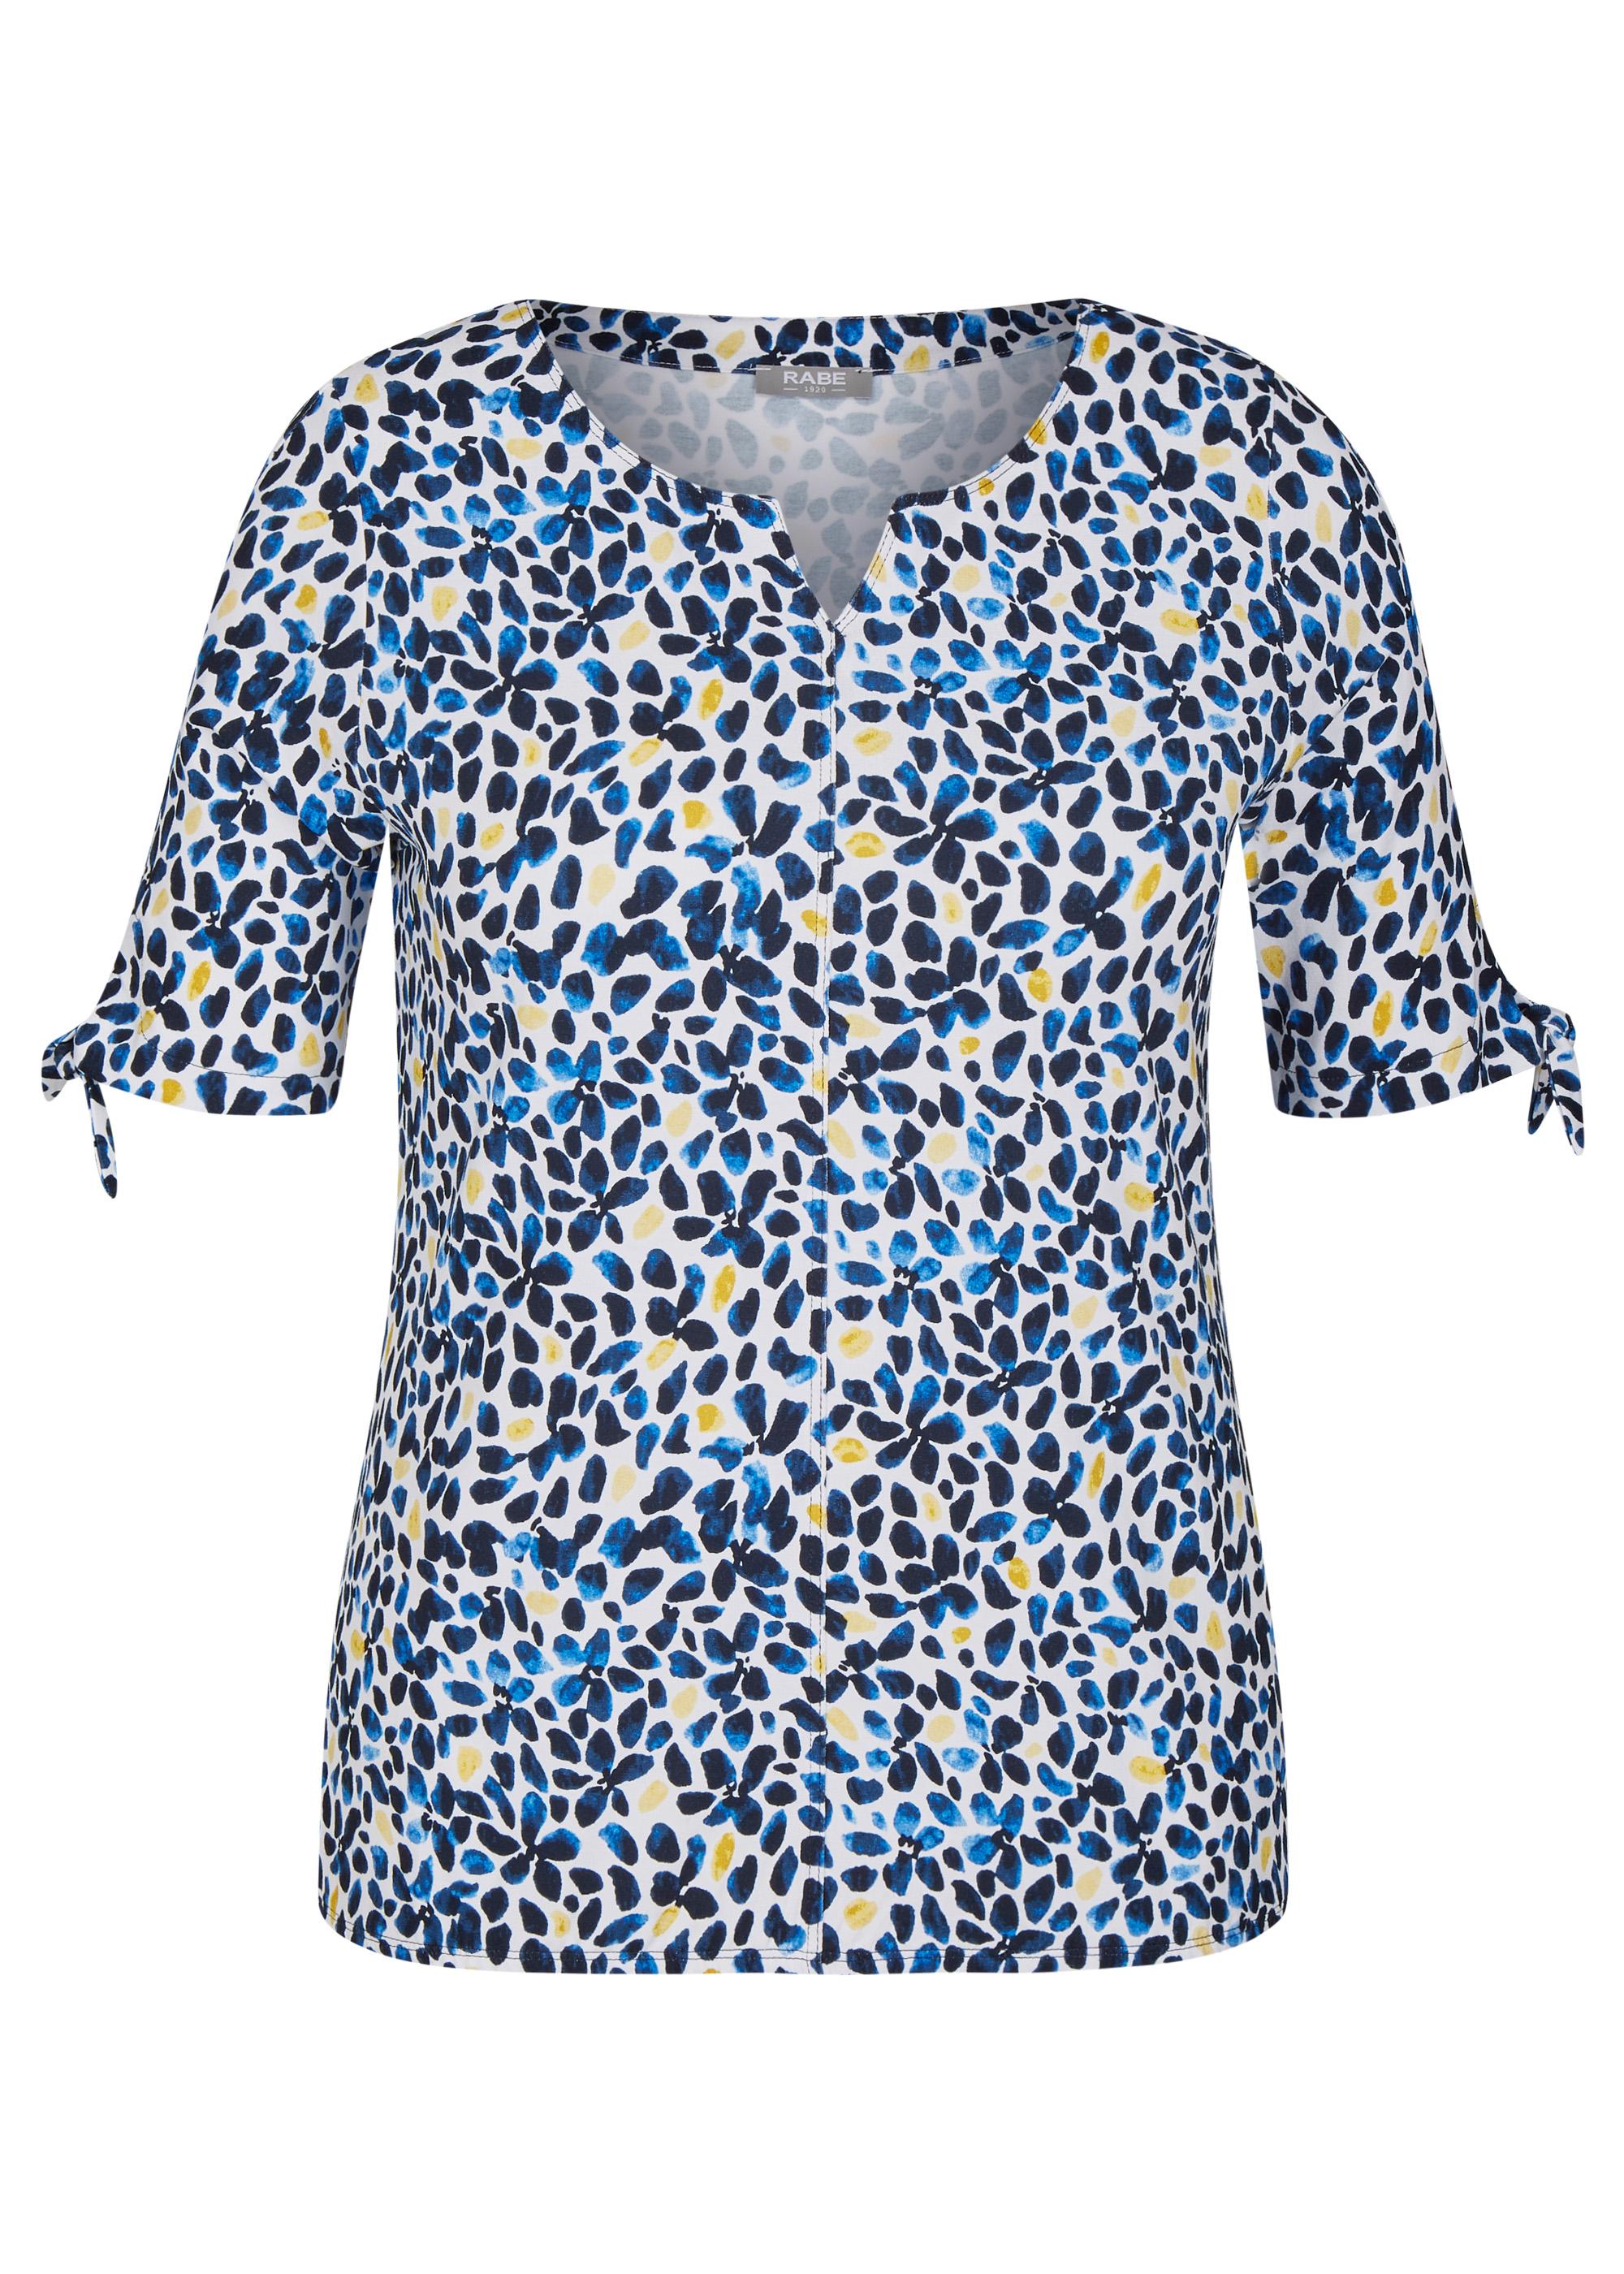 Rabe halbarm Shirt gemustert blau